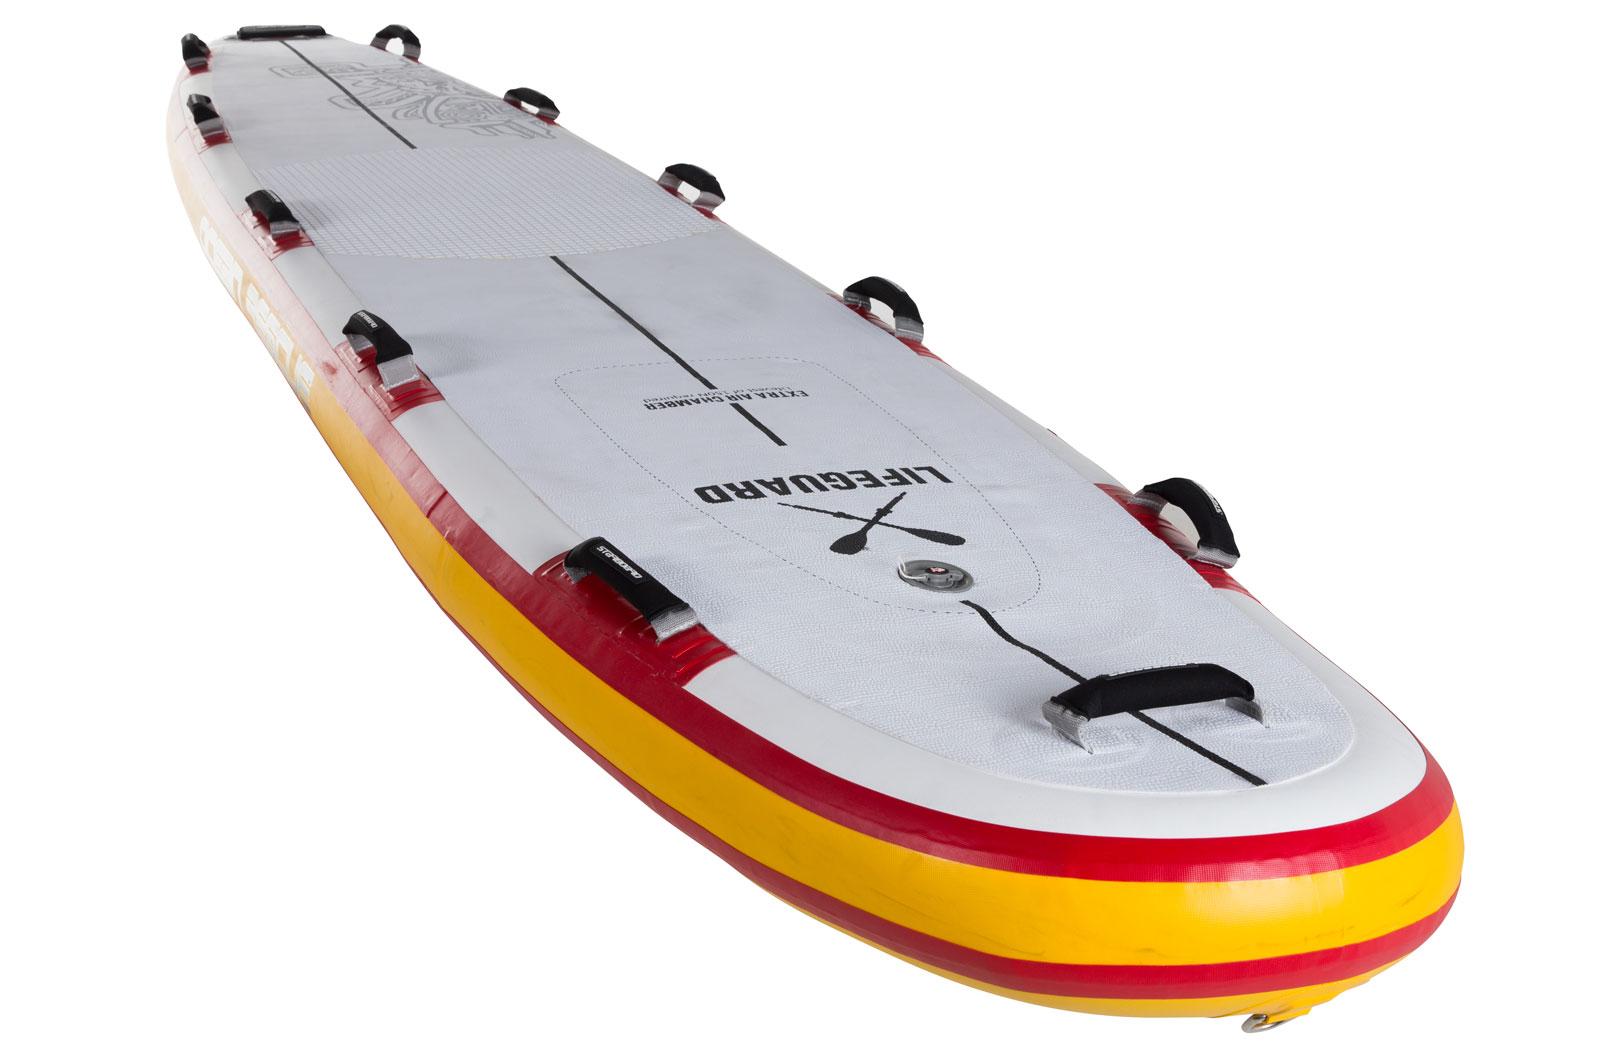 Sup rescue normative e nuovi dispositivi starboard sup italia - Sacca per tavola sup ...